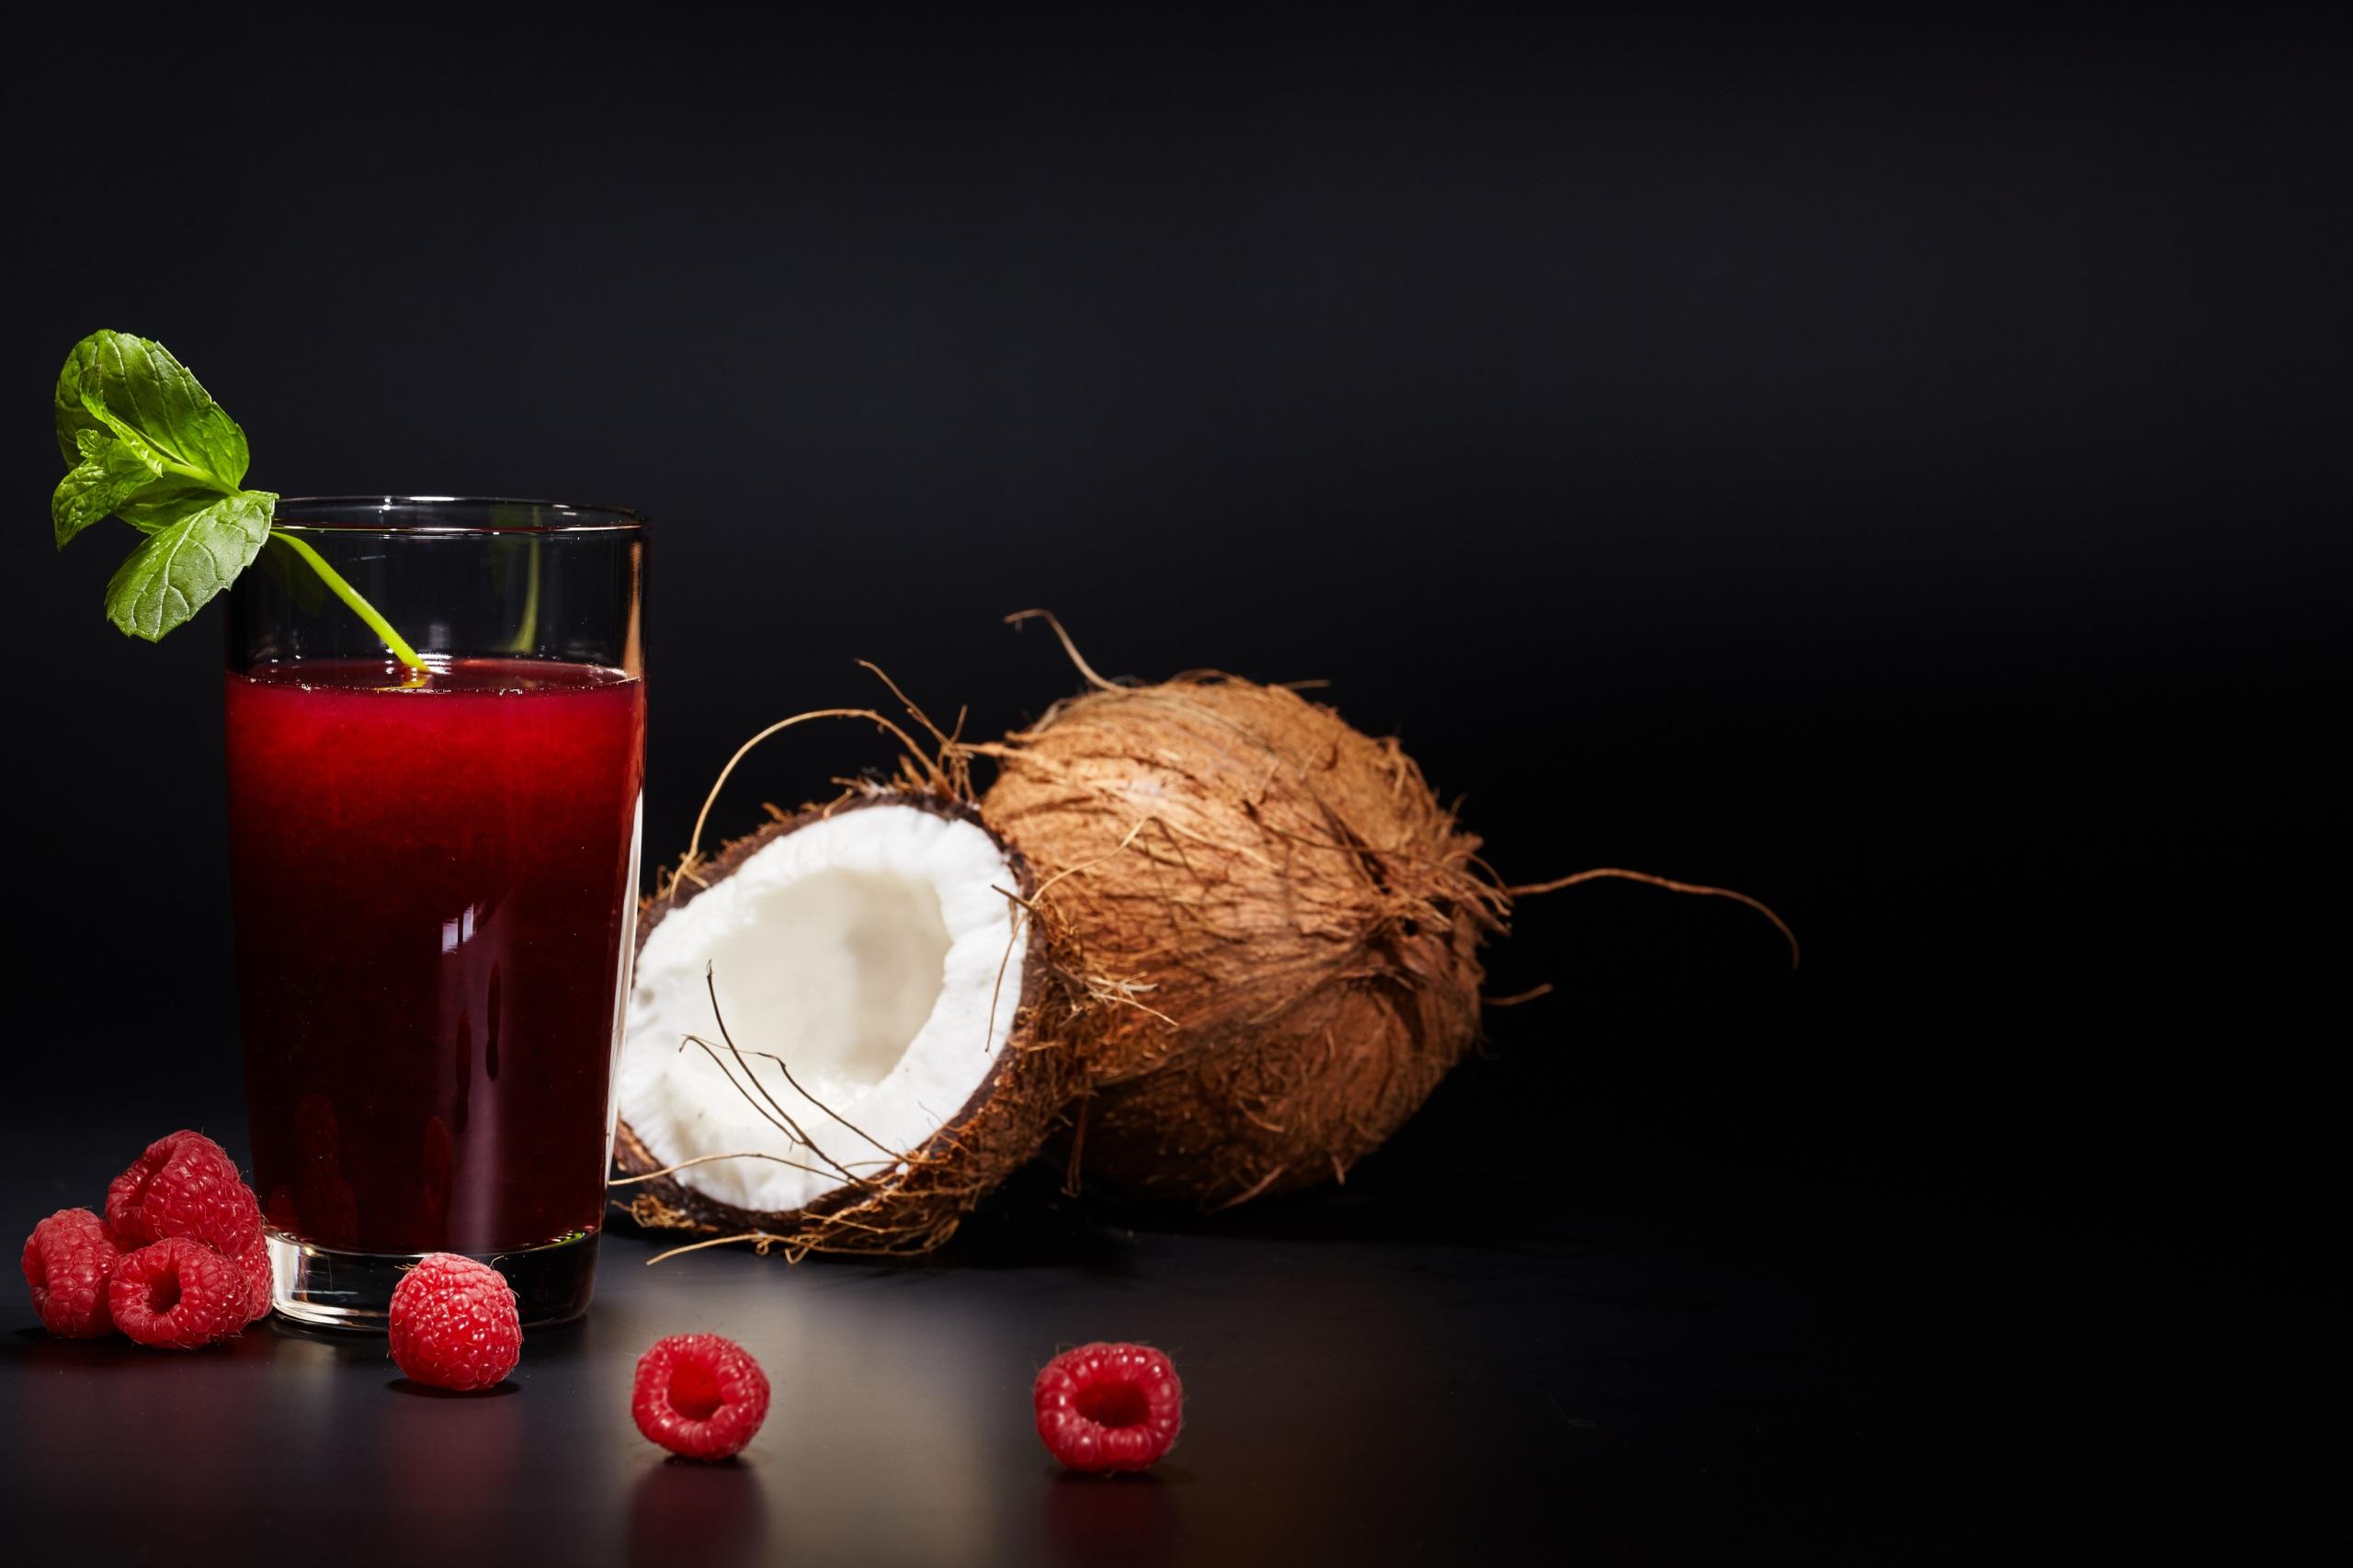 Картинка Сок Малина Кокосы стакана Еда Черный фон 2560x1706 Стакан стакане Пища Продукты питания на черном фоне